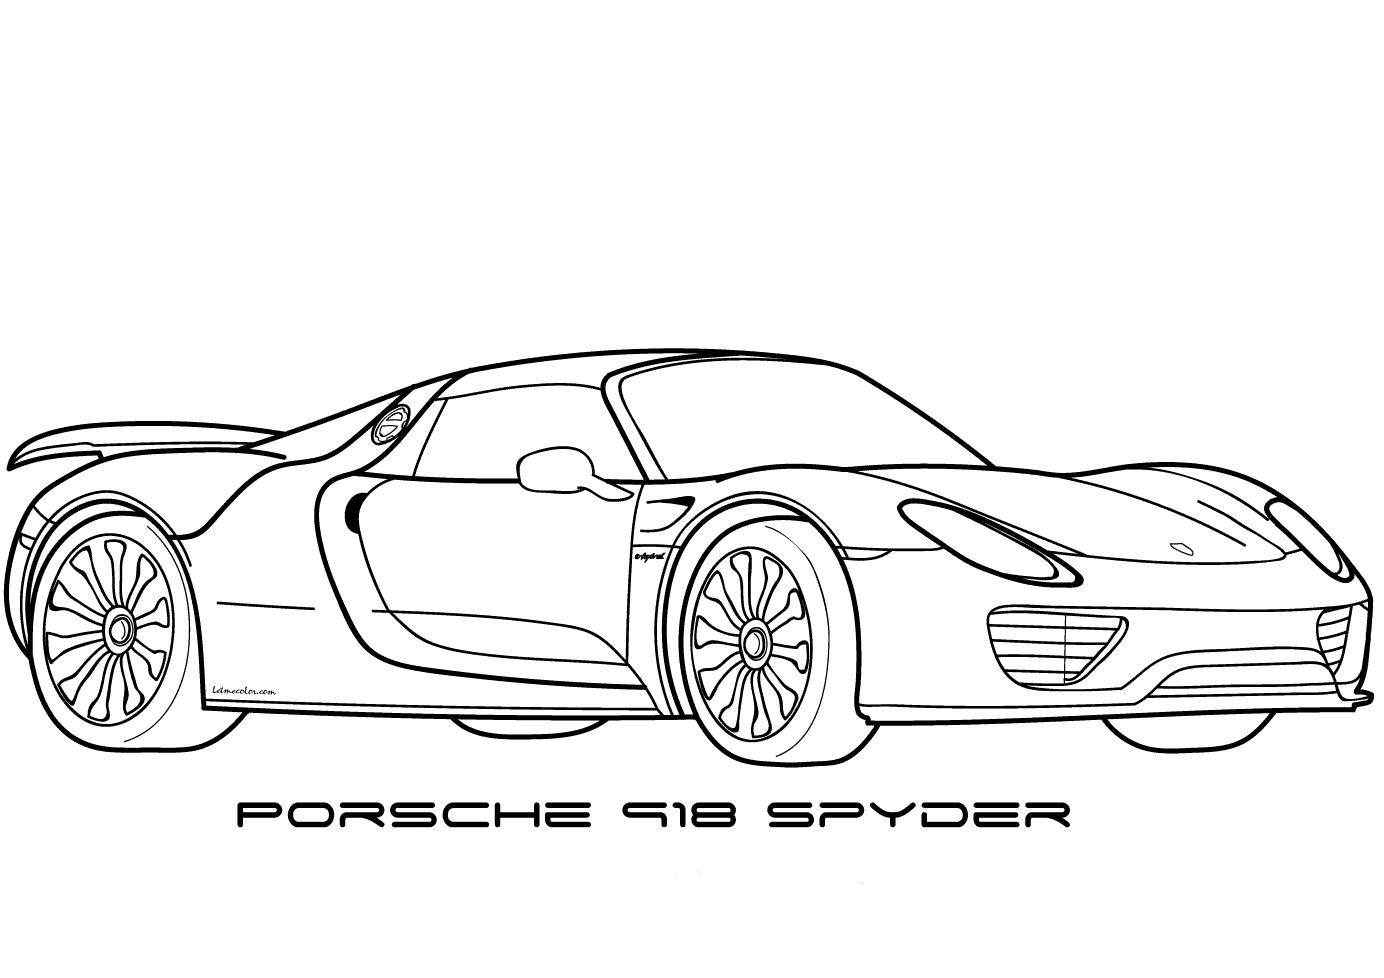 Ausmalbilder Porsche 918 Spyder Malvorlagen